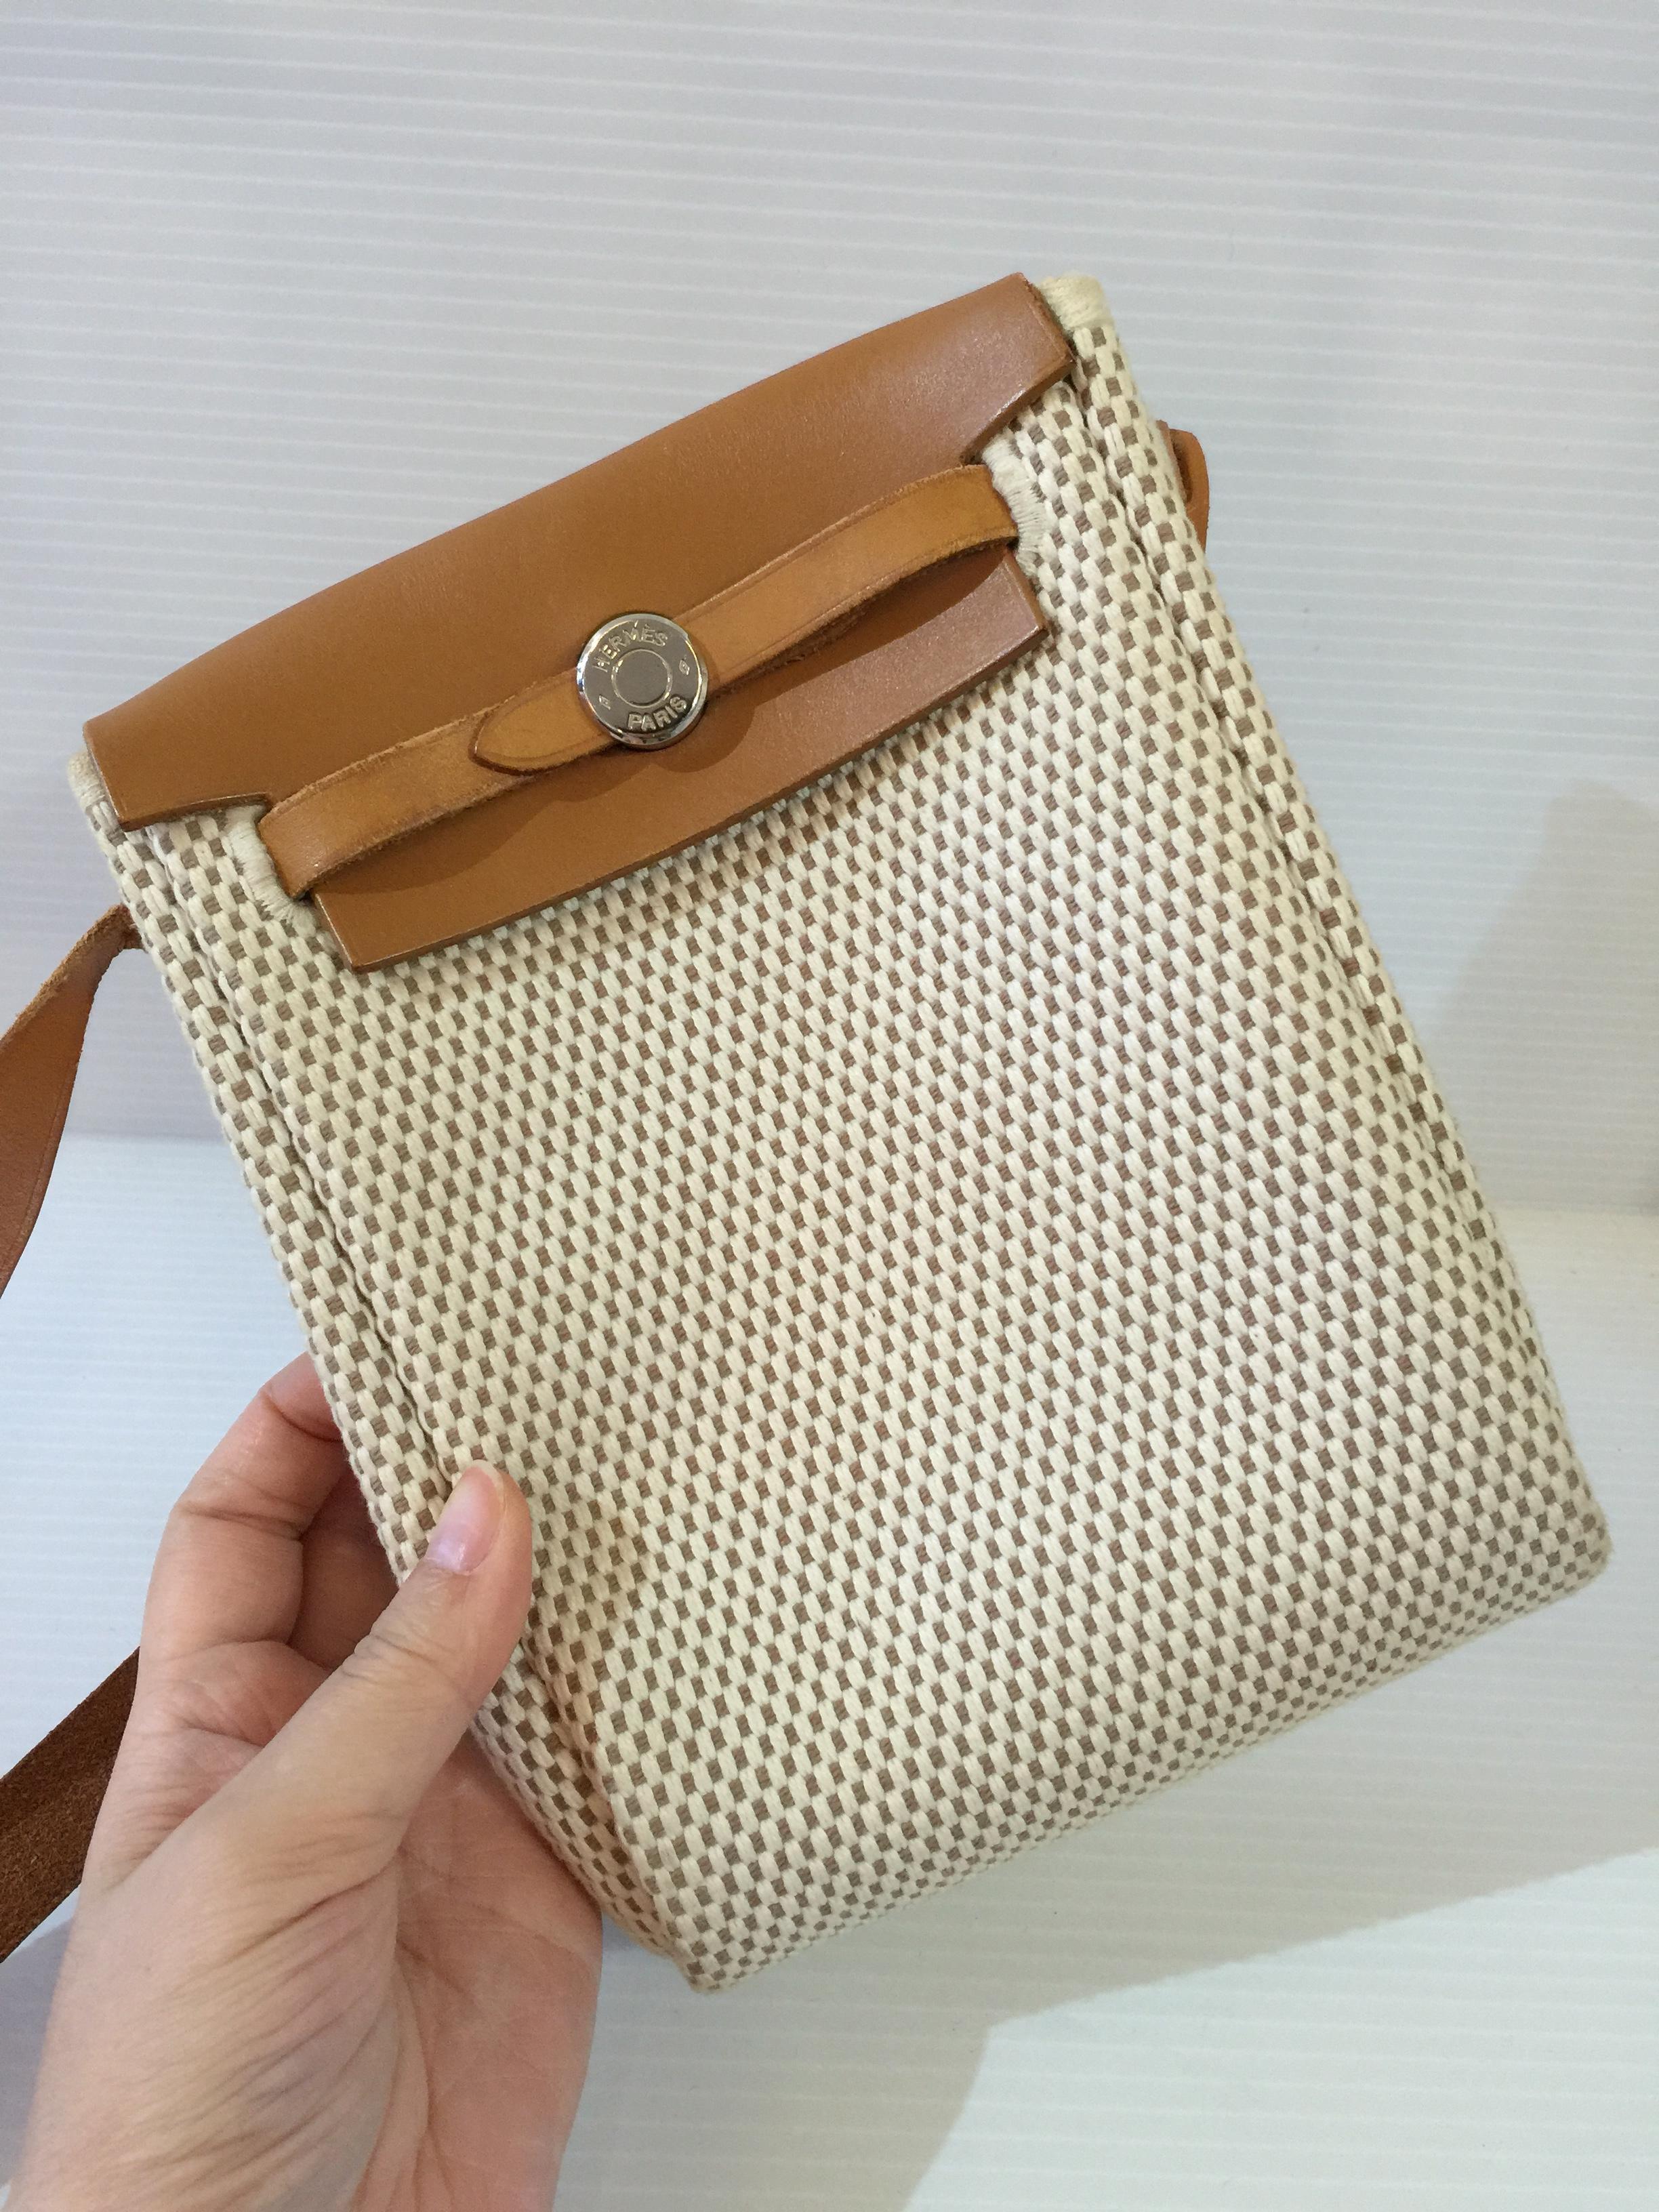 SOLDOUT]Used : Hermes Herbag mini Crossbody bag - BAGGU ????????? ...